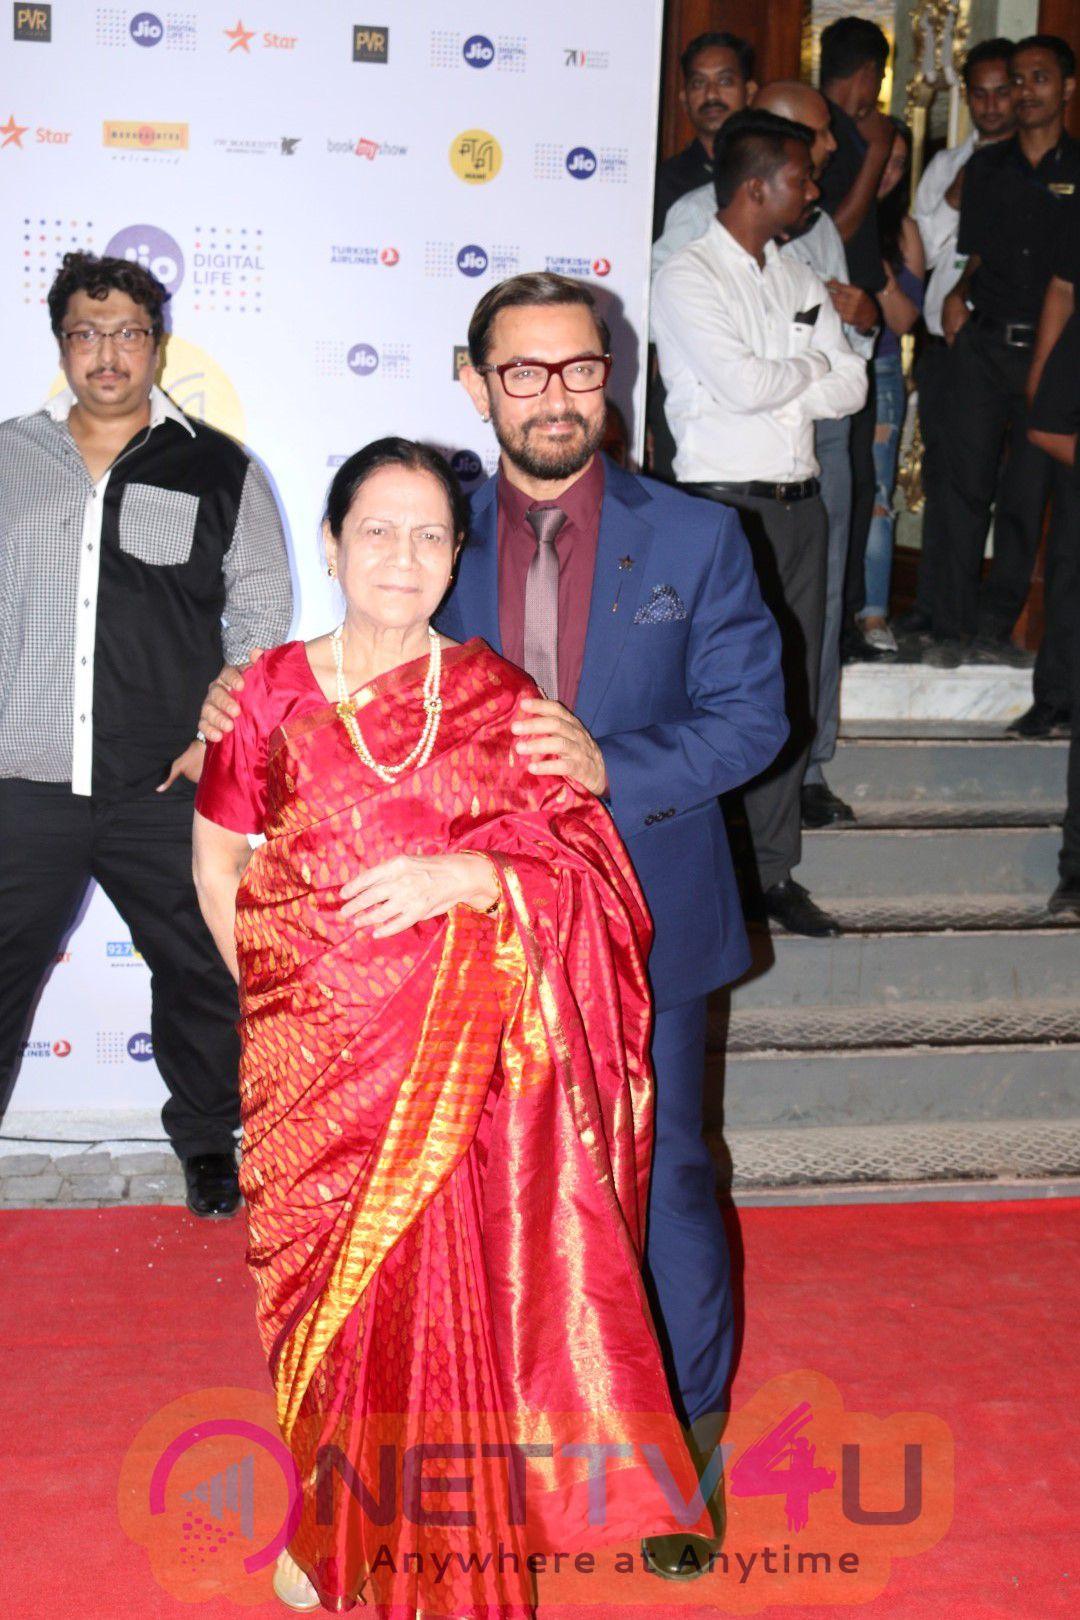 Jio Mami 18th Mumbai Film Festival Opening Ceremony Exclusive Photos